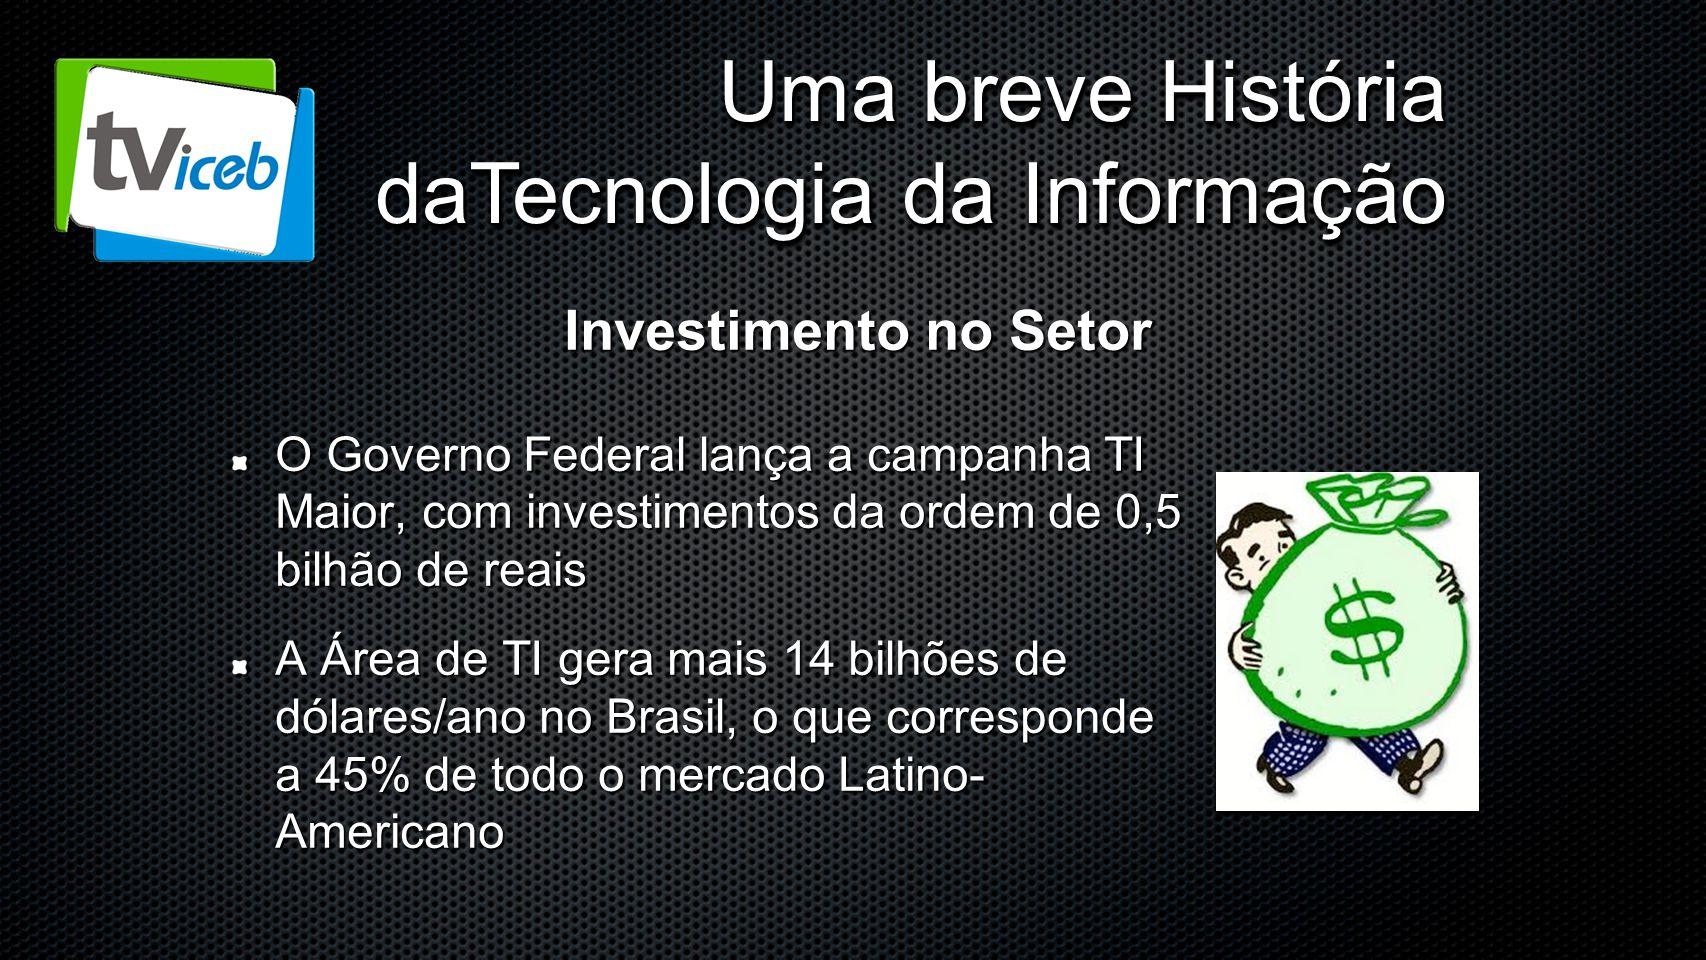 Uma breve História daTecnologia da Informação O Governo Federal lança a campanha TI Maior, com investimentos da ordem de 0,5 bilhão de reais A Área de